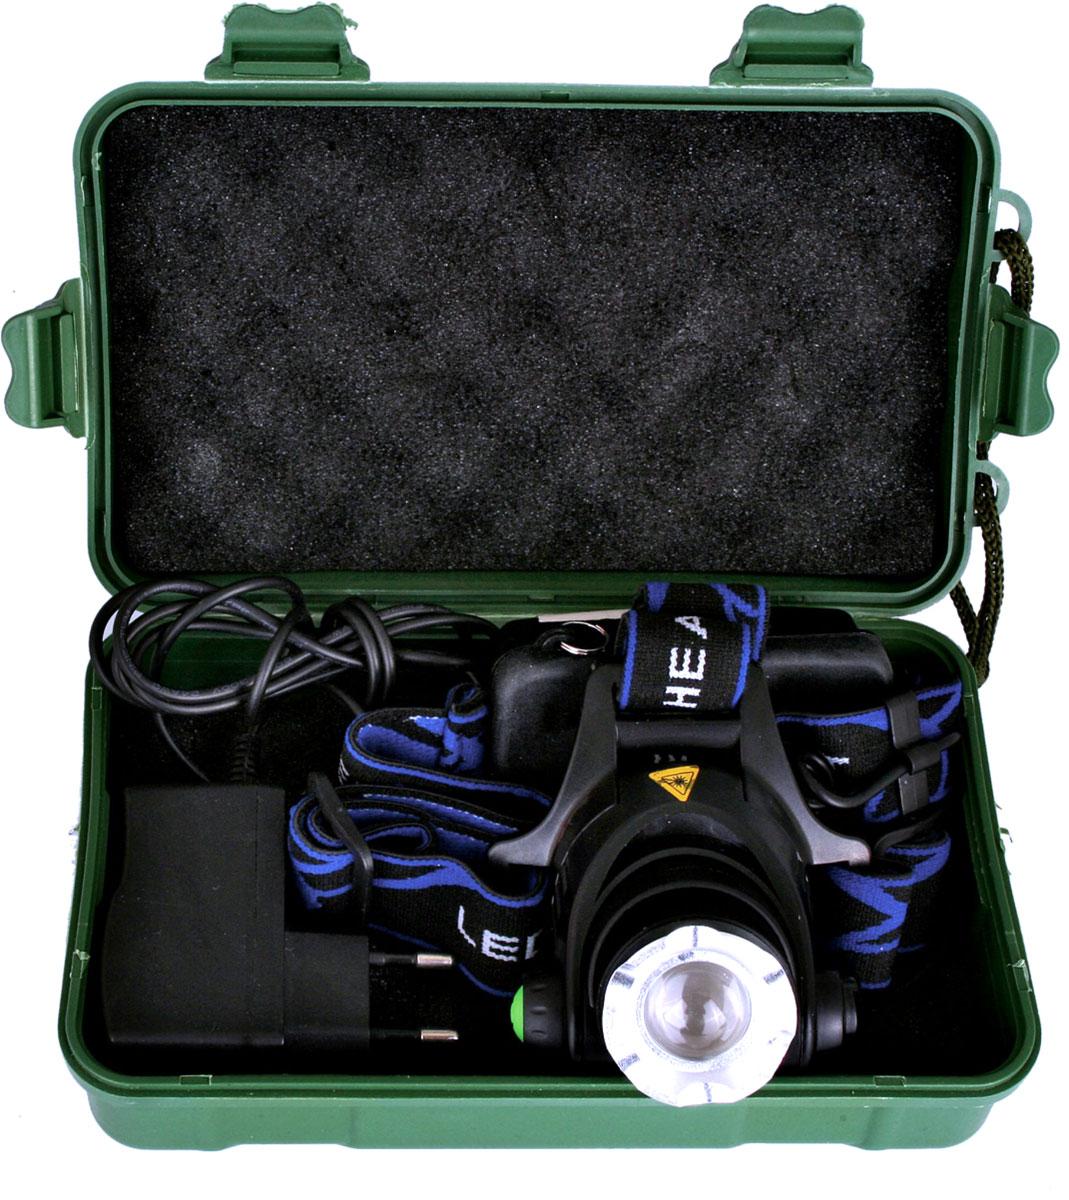 Фонарь налобный Ultraflash Headlite, аккумуляторный, фокус, 3 режима, цвет: черный. E150